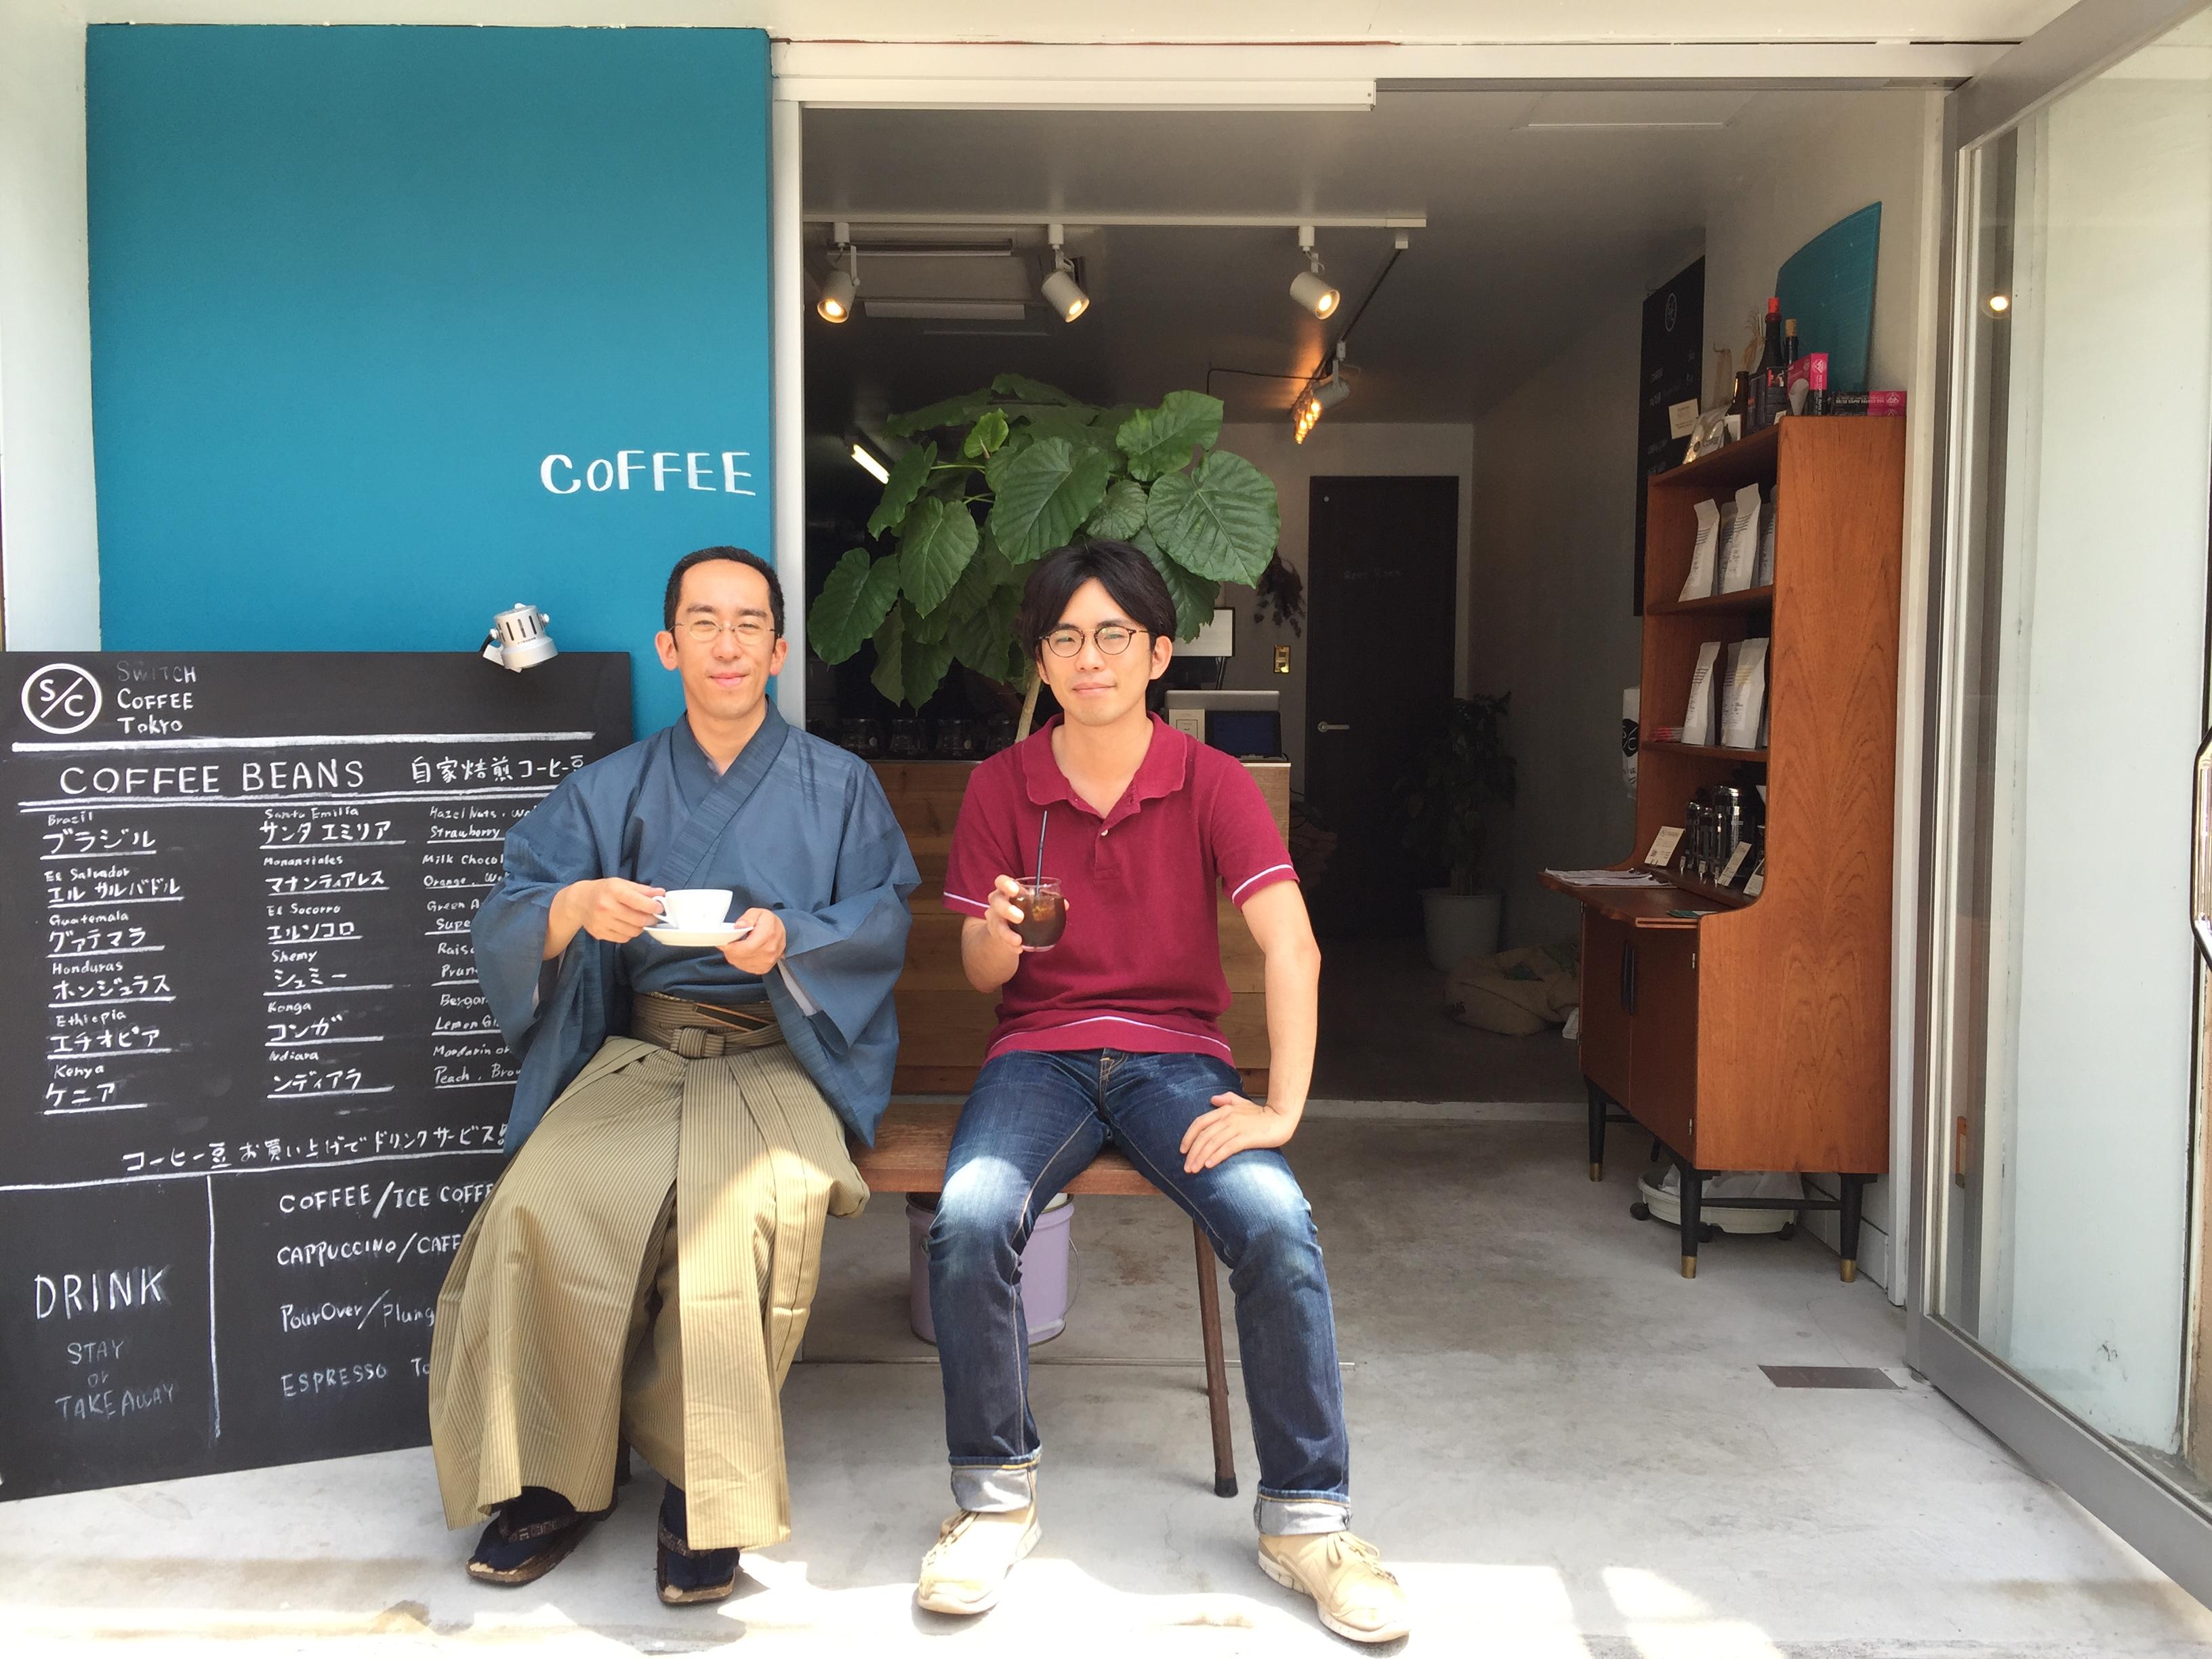 佐久間師と筆者。当社近所のコーヒースタンドにて